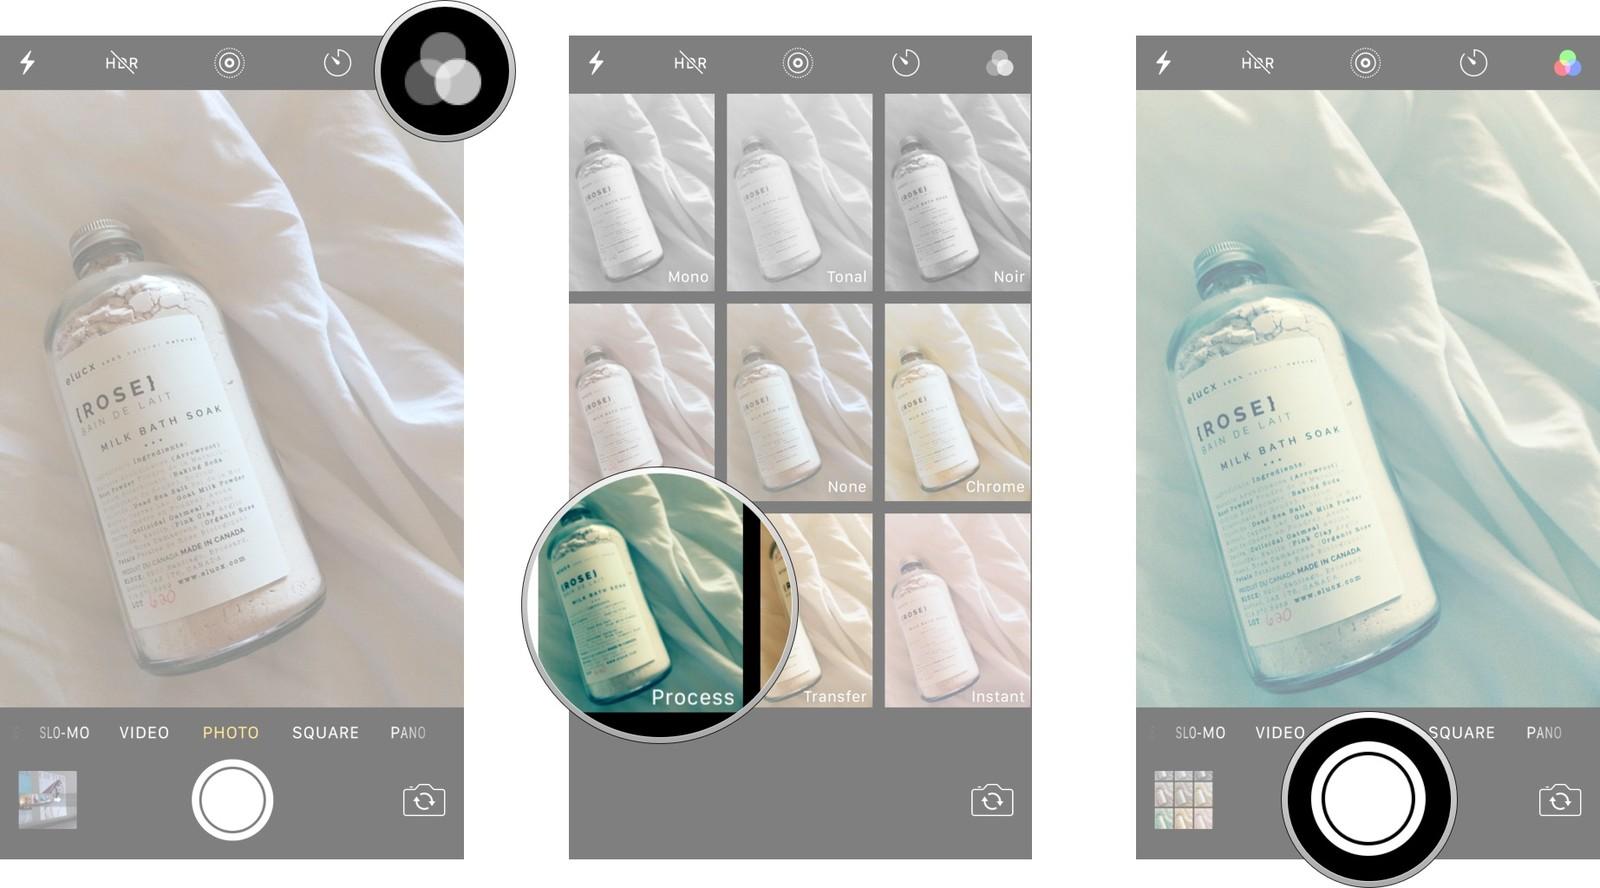 kak-sdelat-luchshie-i-foto-s-pomoshhyu-iphone-i-ipad-filtry